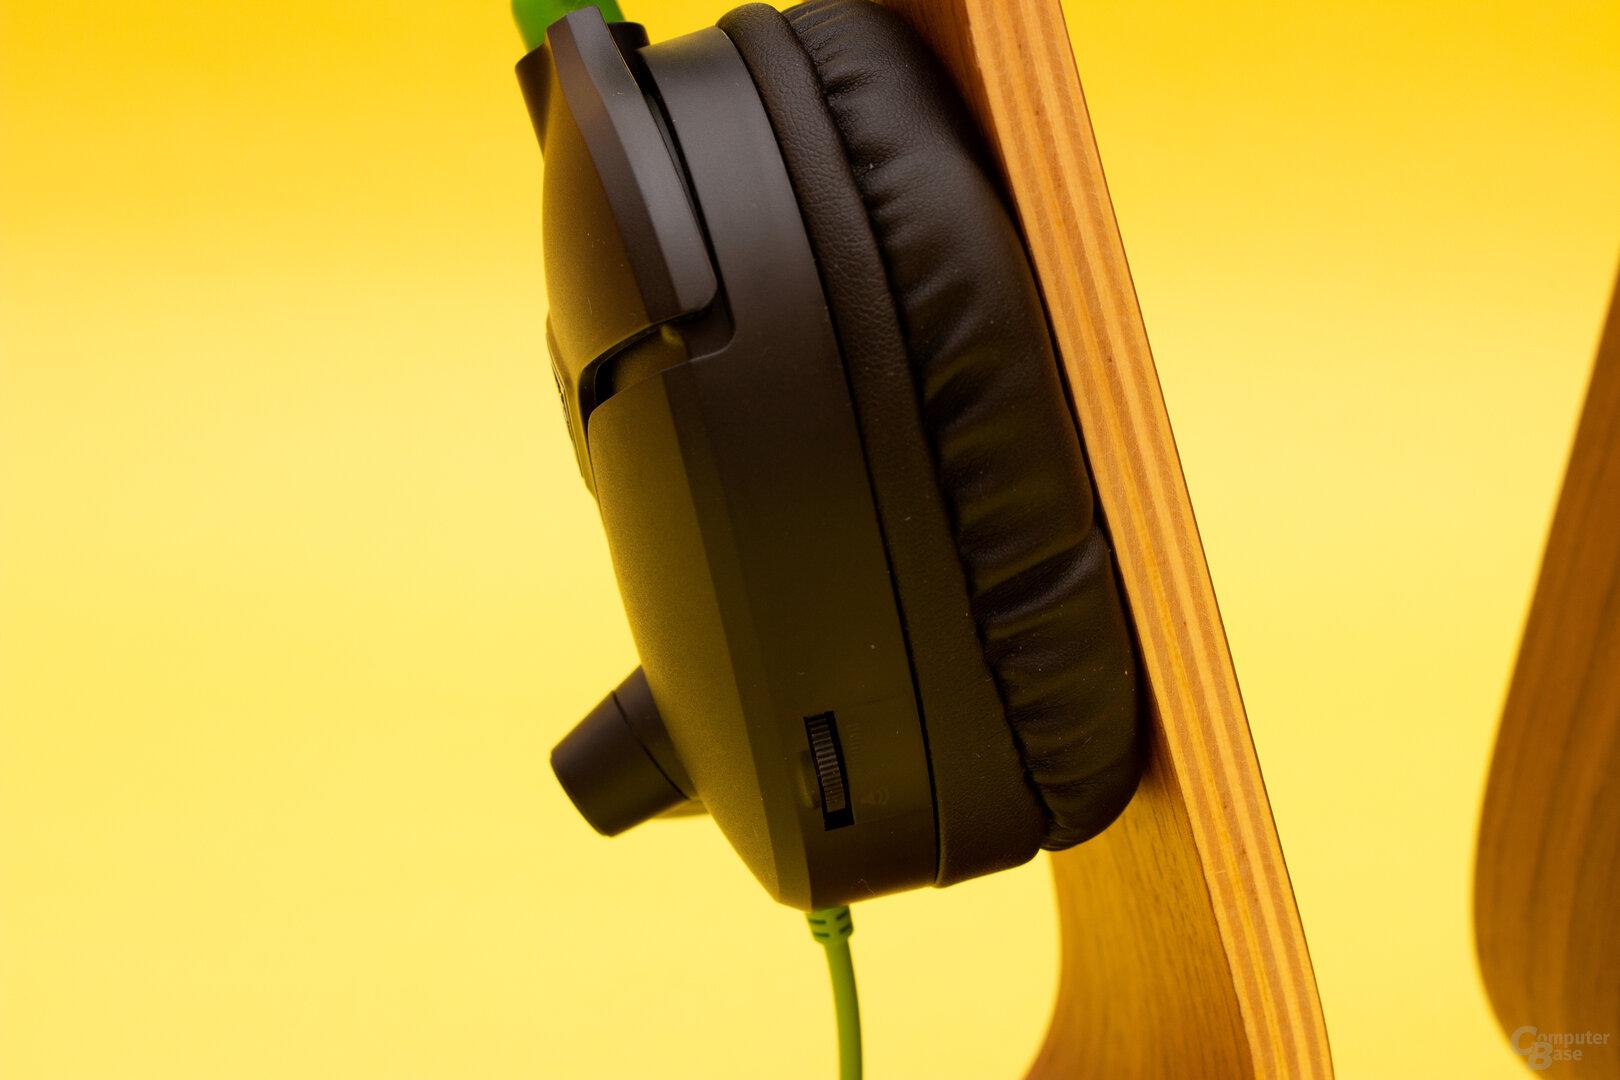 Die Lautstärke lässt sich beim recon 70 direkt am Headset regeln